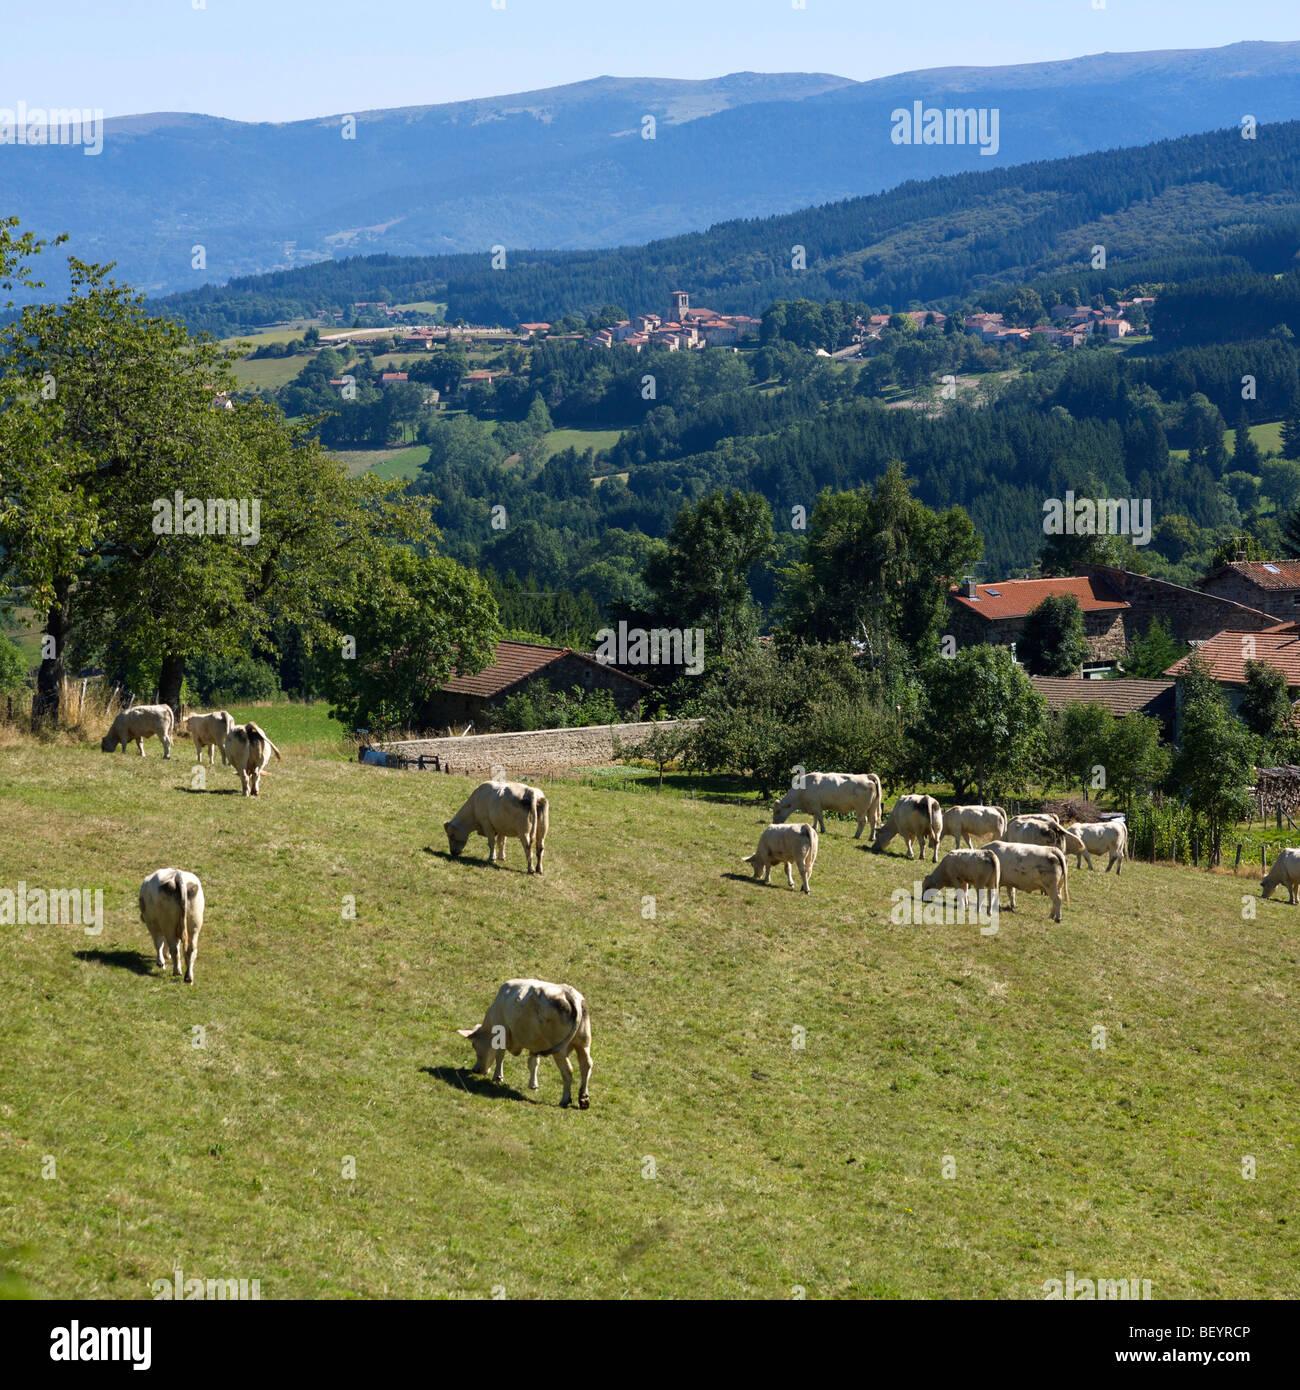 Parc naturel régional Livradois-Forez - Villaggio e la fattoria di st Amand Roche Savine, Auvergne, Francia. Foto Stock